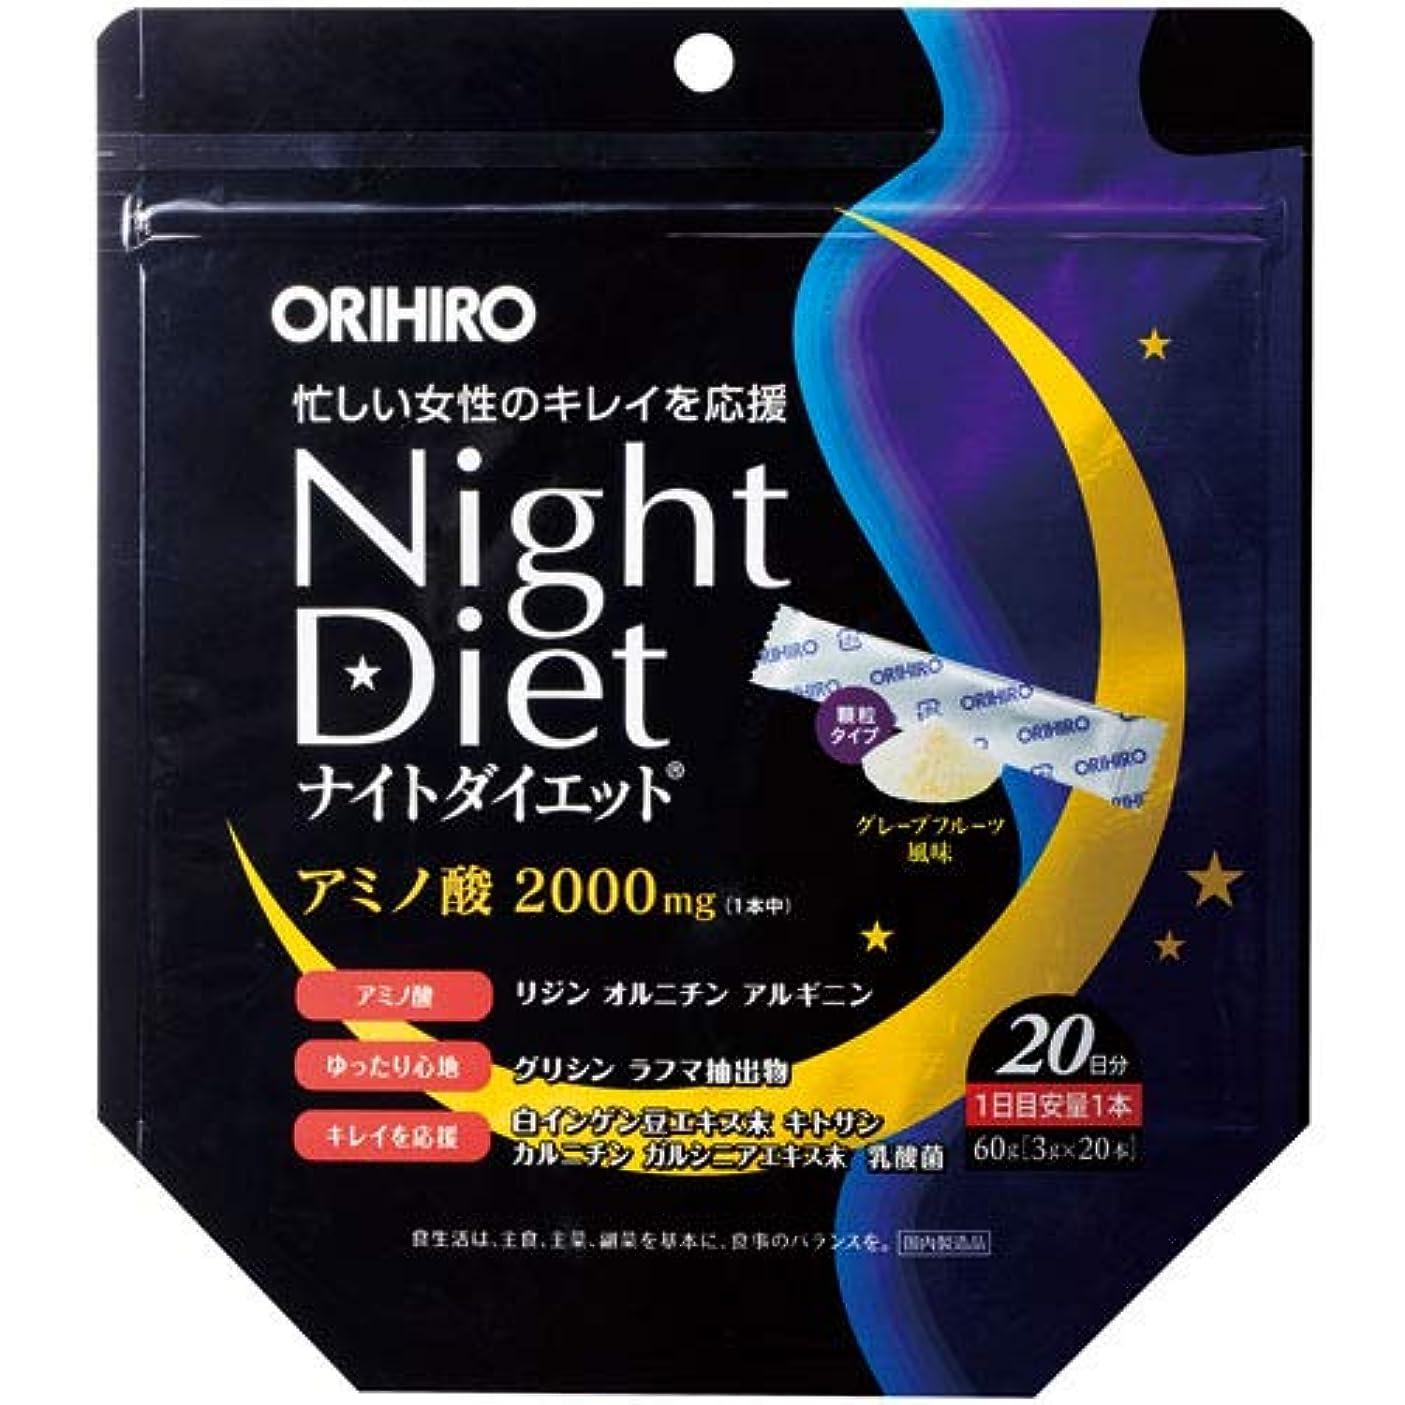 想定する正しく超えるオリヒロ ナイトダイエット 顆粒 20本×3個セット